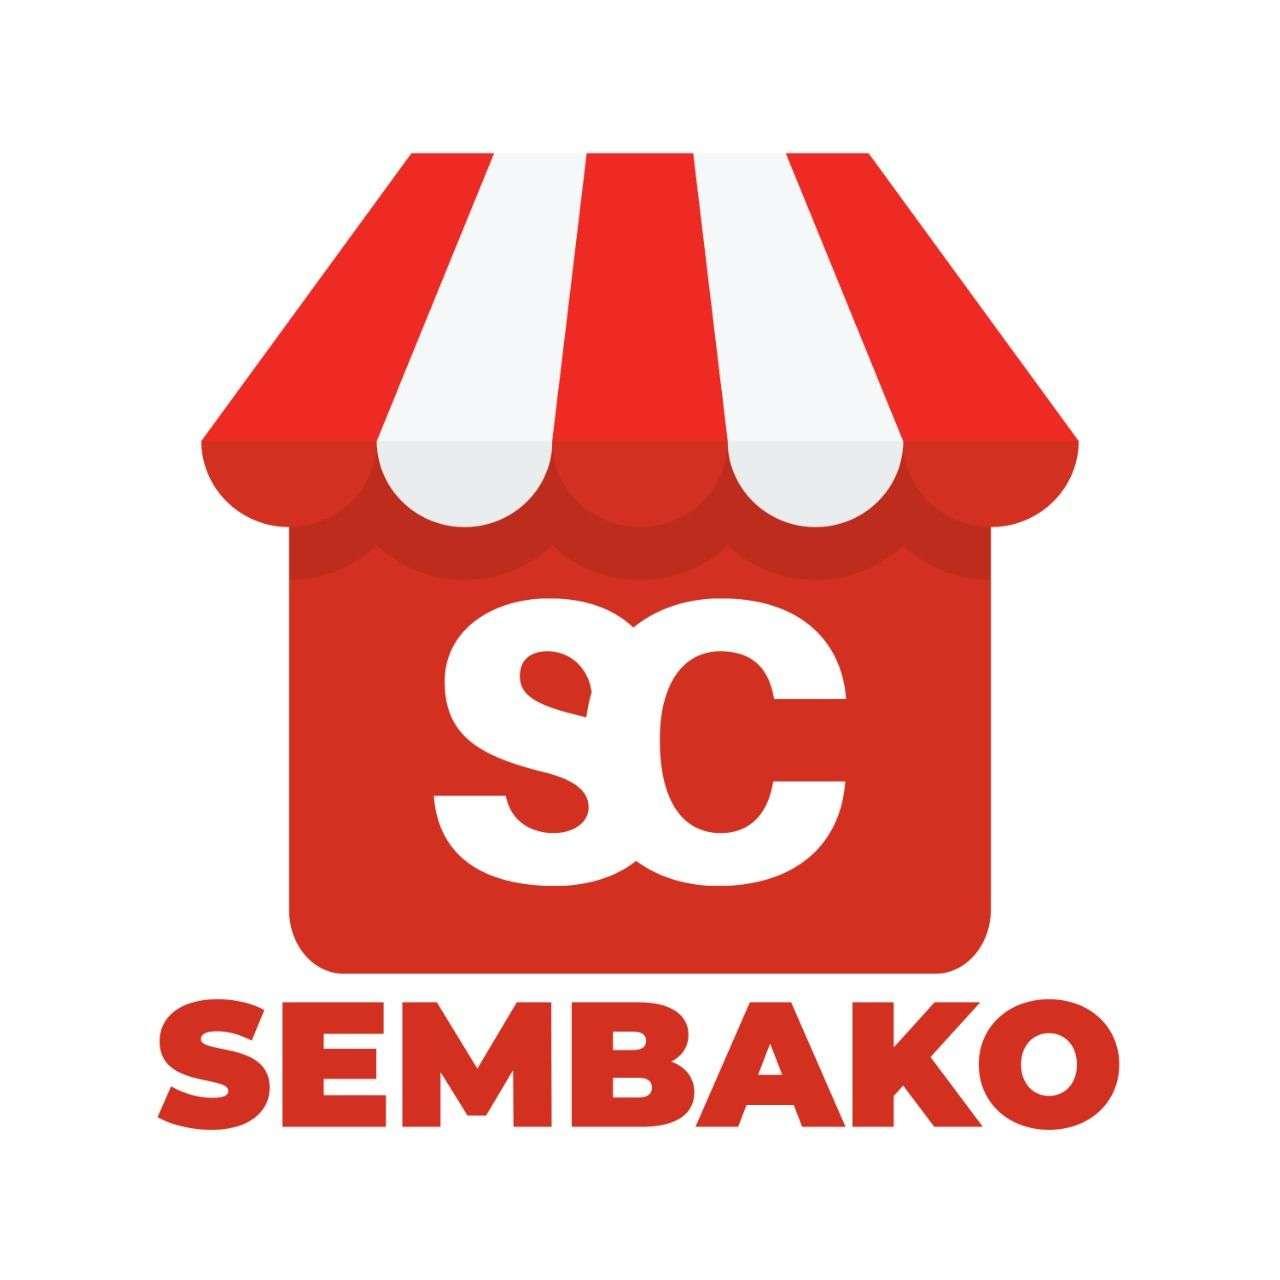 SC Sembako